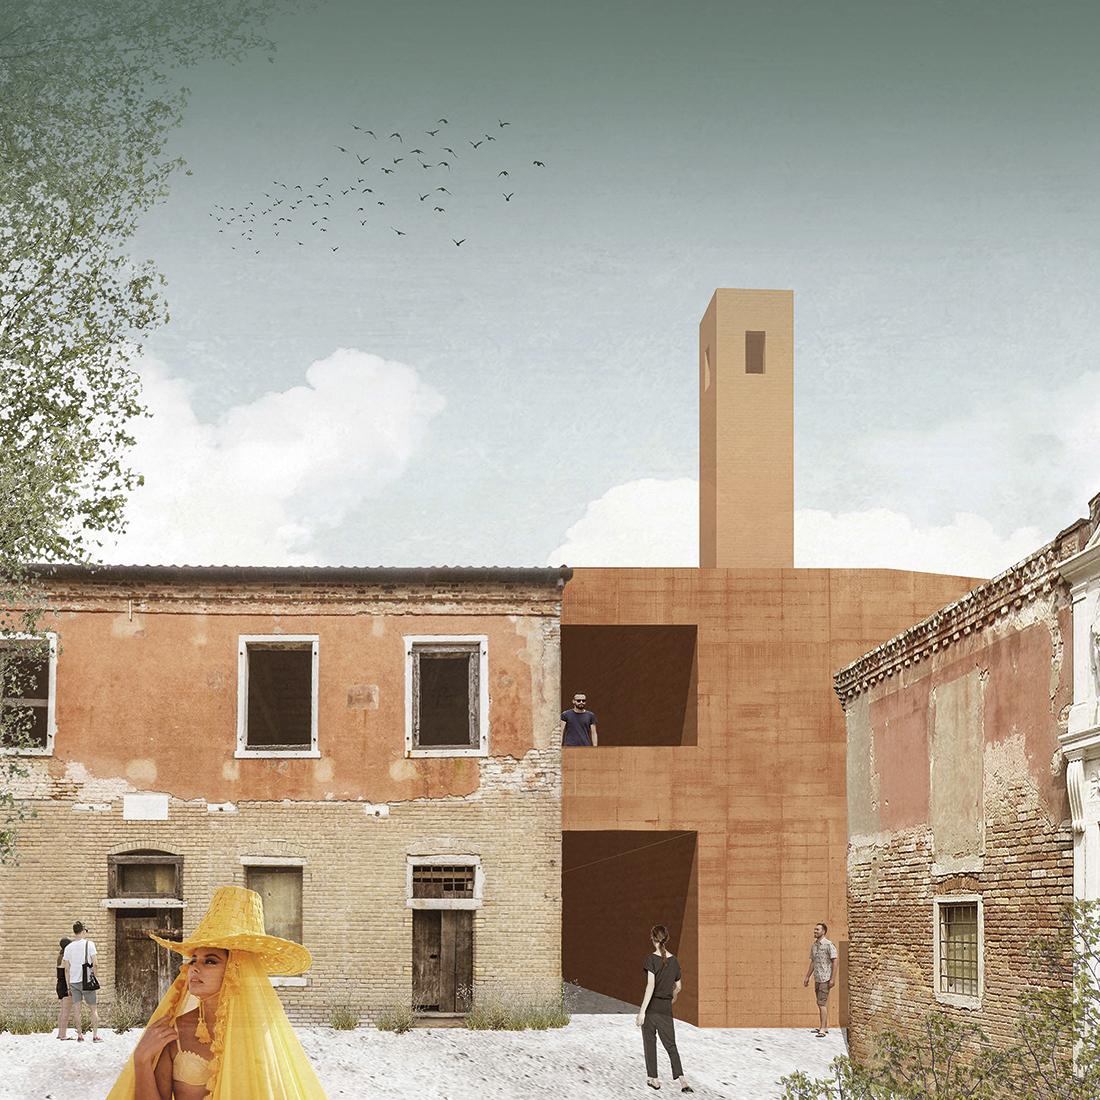 """Laureat konkursu Architektura Betonowa – Szymon Ciupiński, praca """"Lazzaretto Vecchio – wyspa kina na Lagunie Weneckiej"""""""